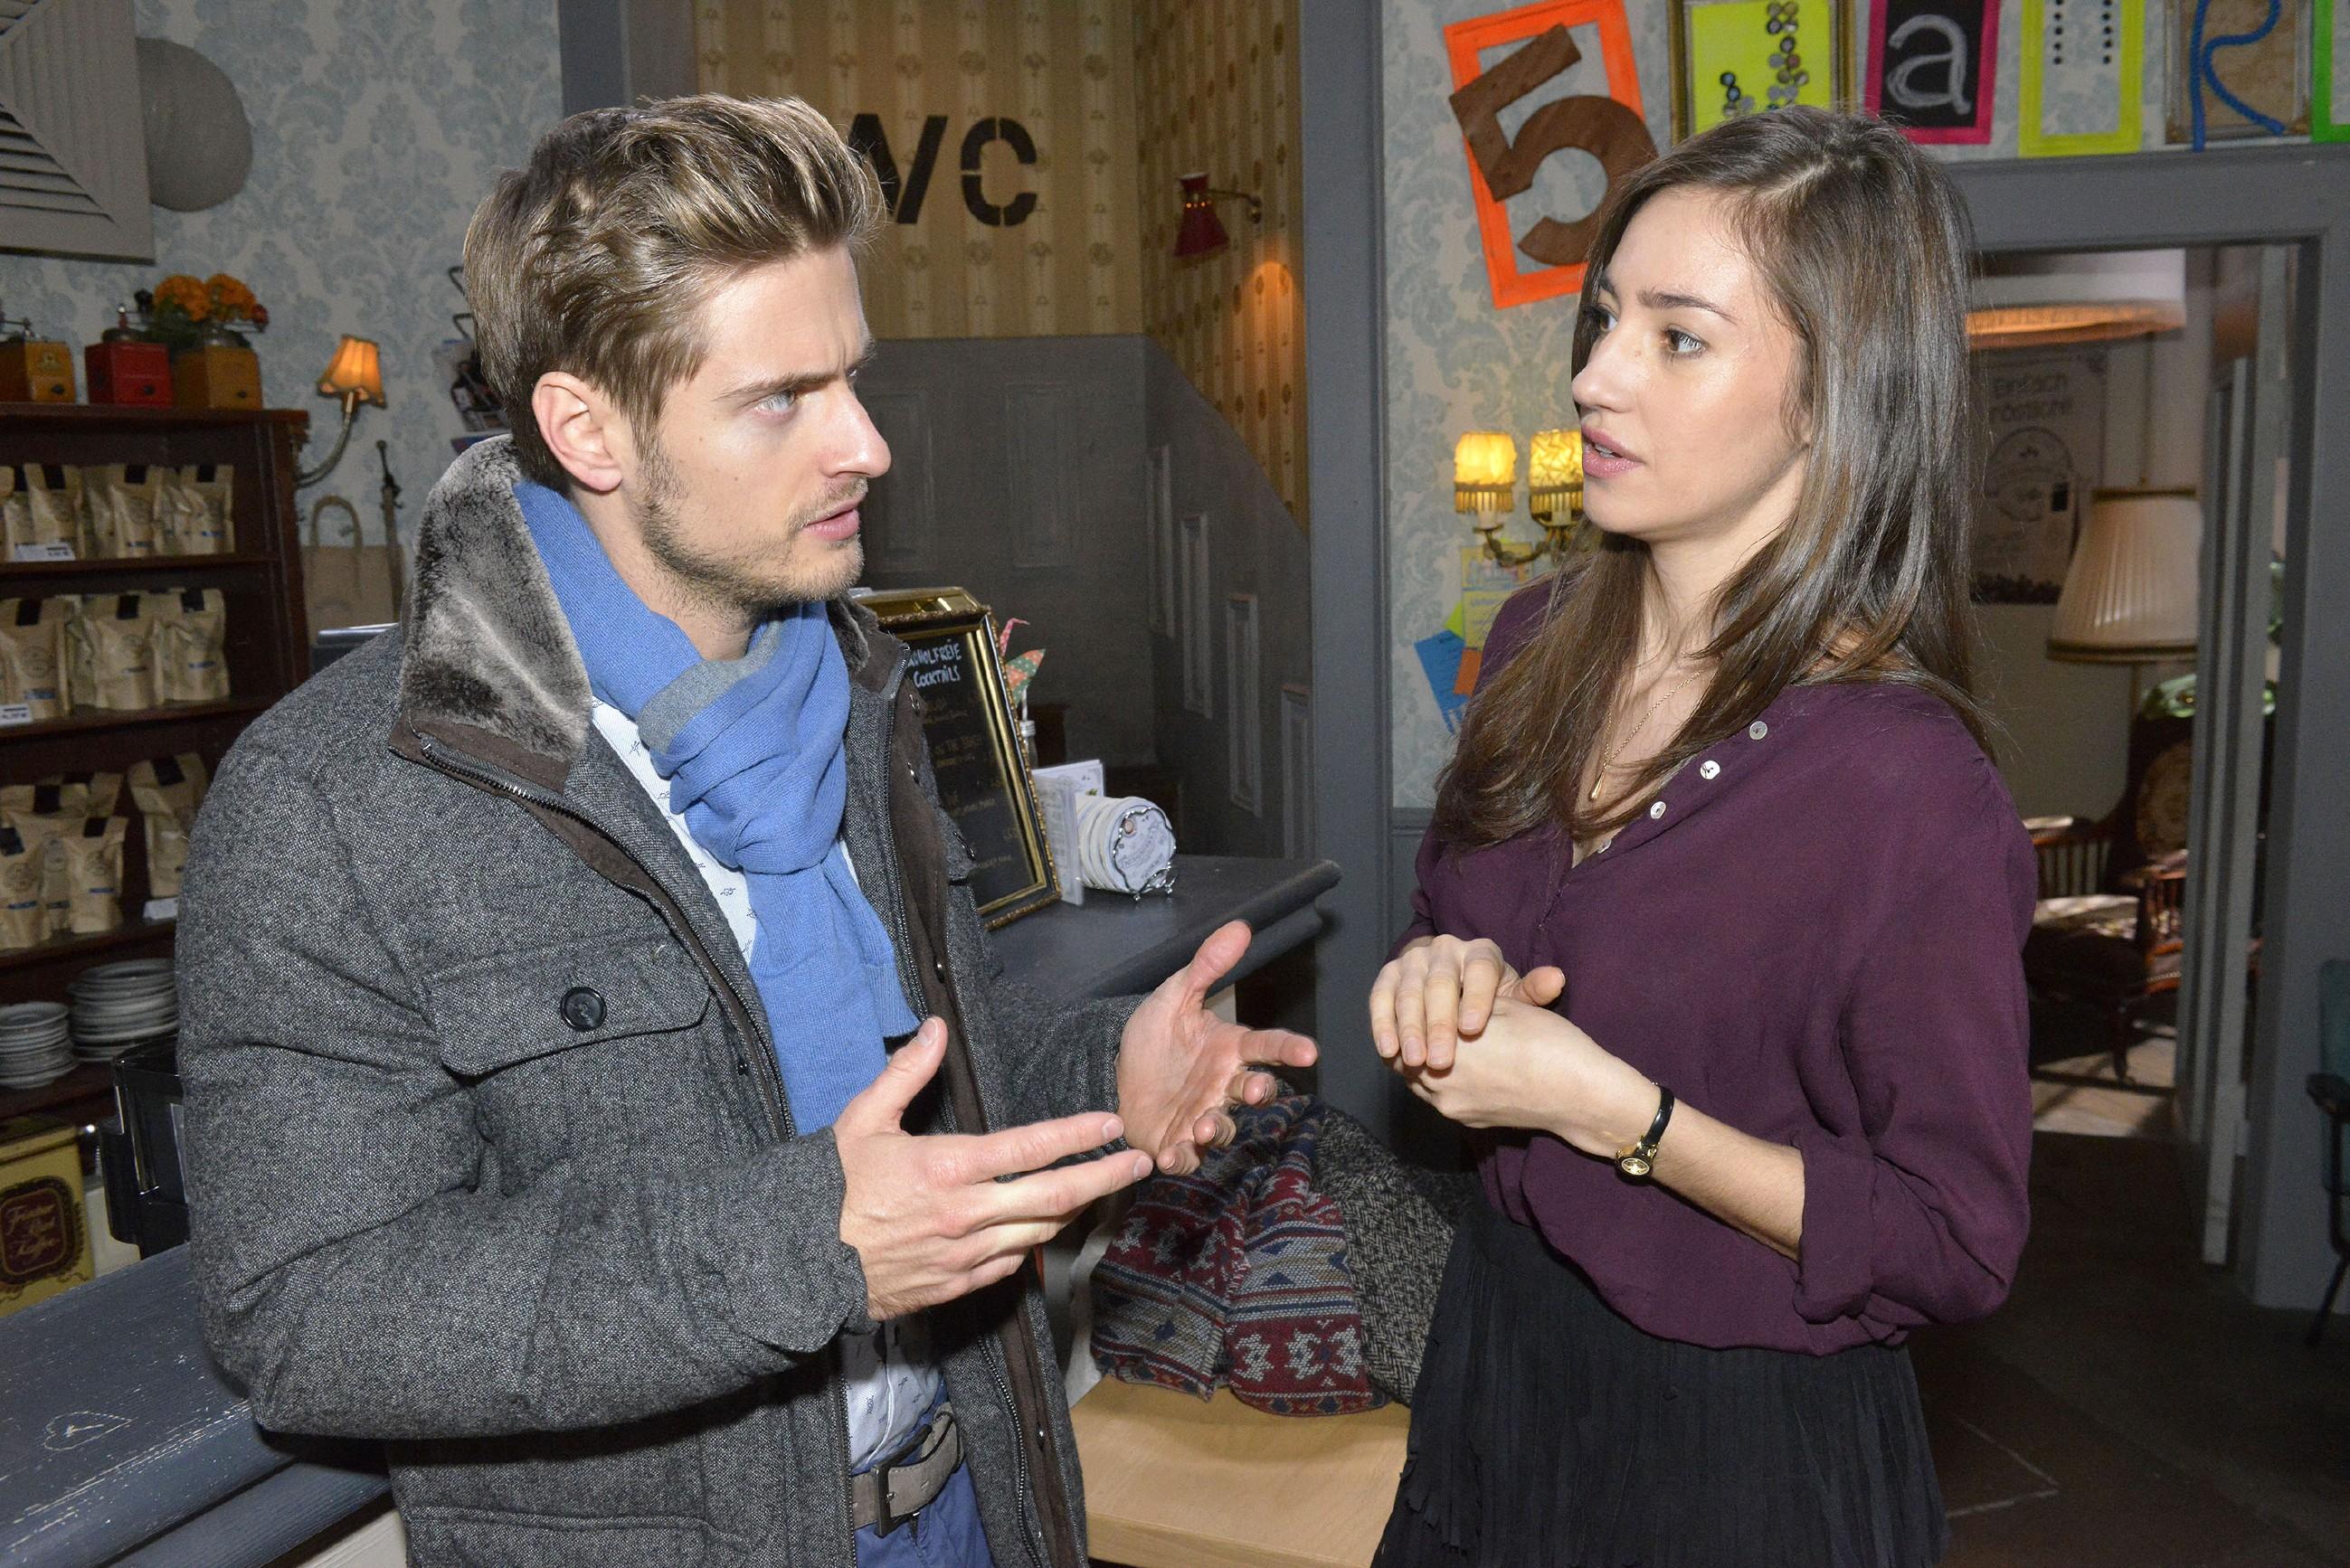 Ausgerechnet Philip (Jörn Schlönvoigt) versucht Elena (Elena Garcia Gerlach) davon zu überzeugen, dass sie bei Sanchez nichts falsch gemacht hat. (Quelle: RTL / Rolf Baumgartner)